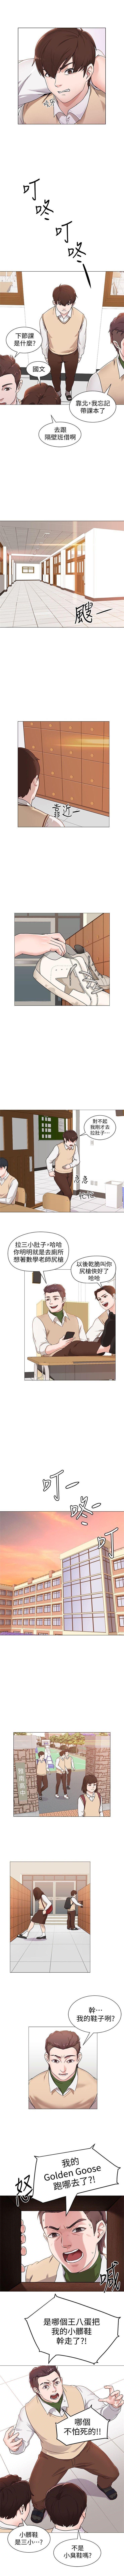 (周3)老师 1-56 中文翻译(更新中) 4